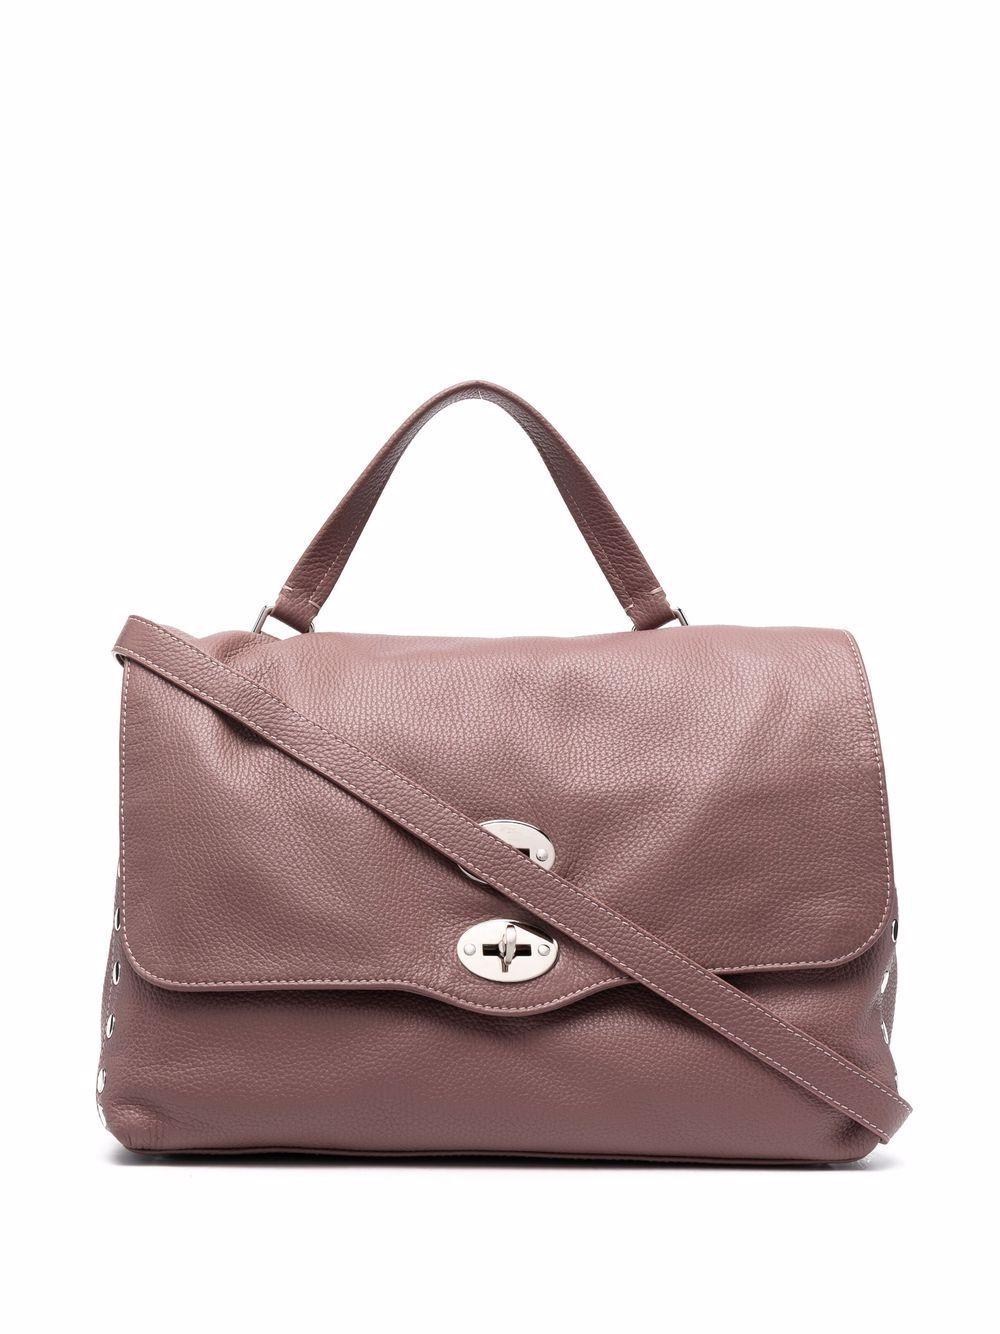 Zanellato borse... marrone